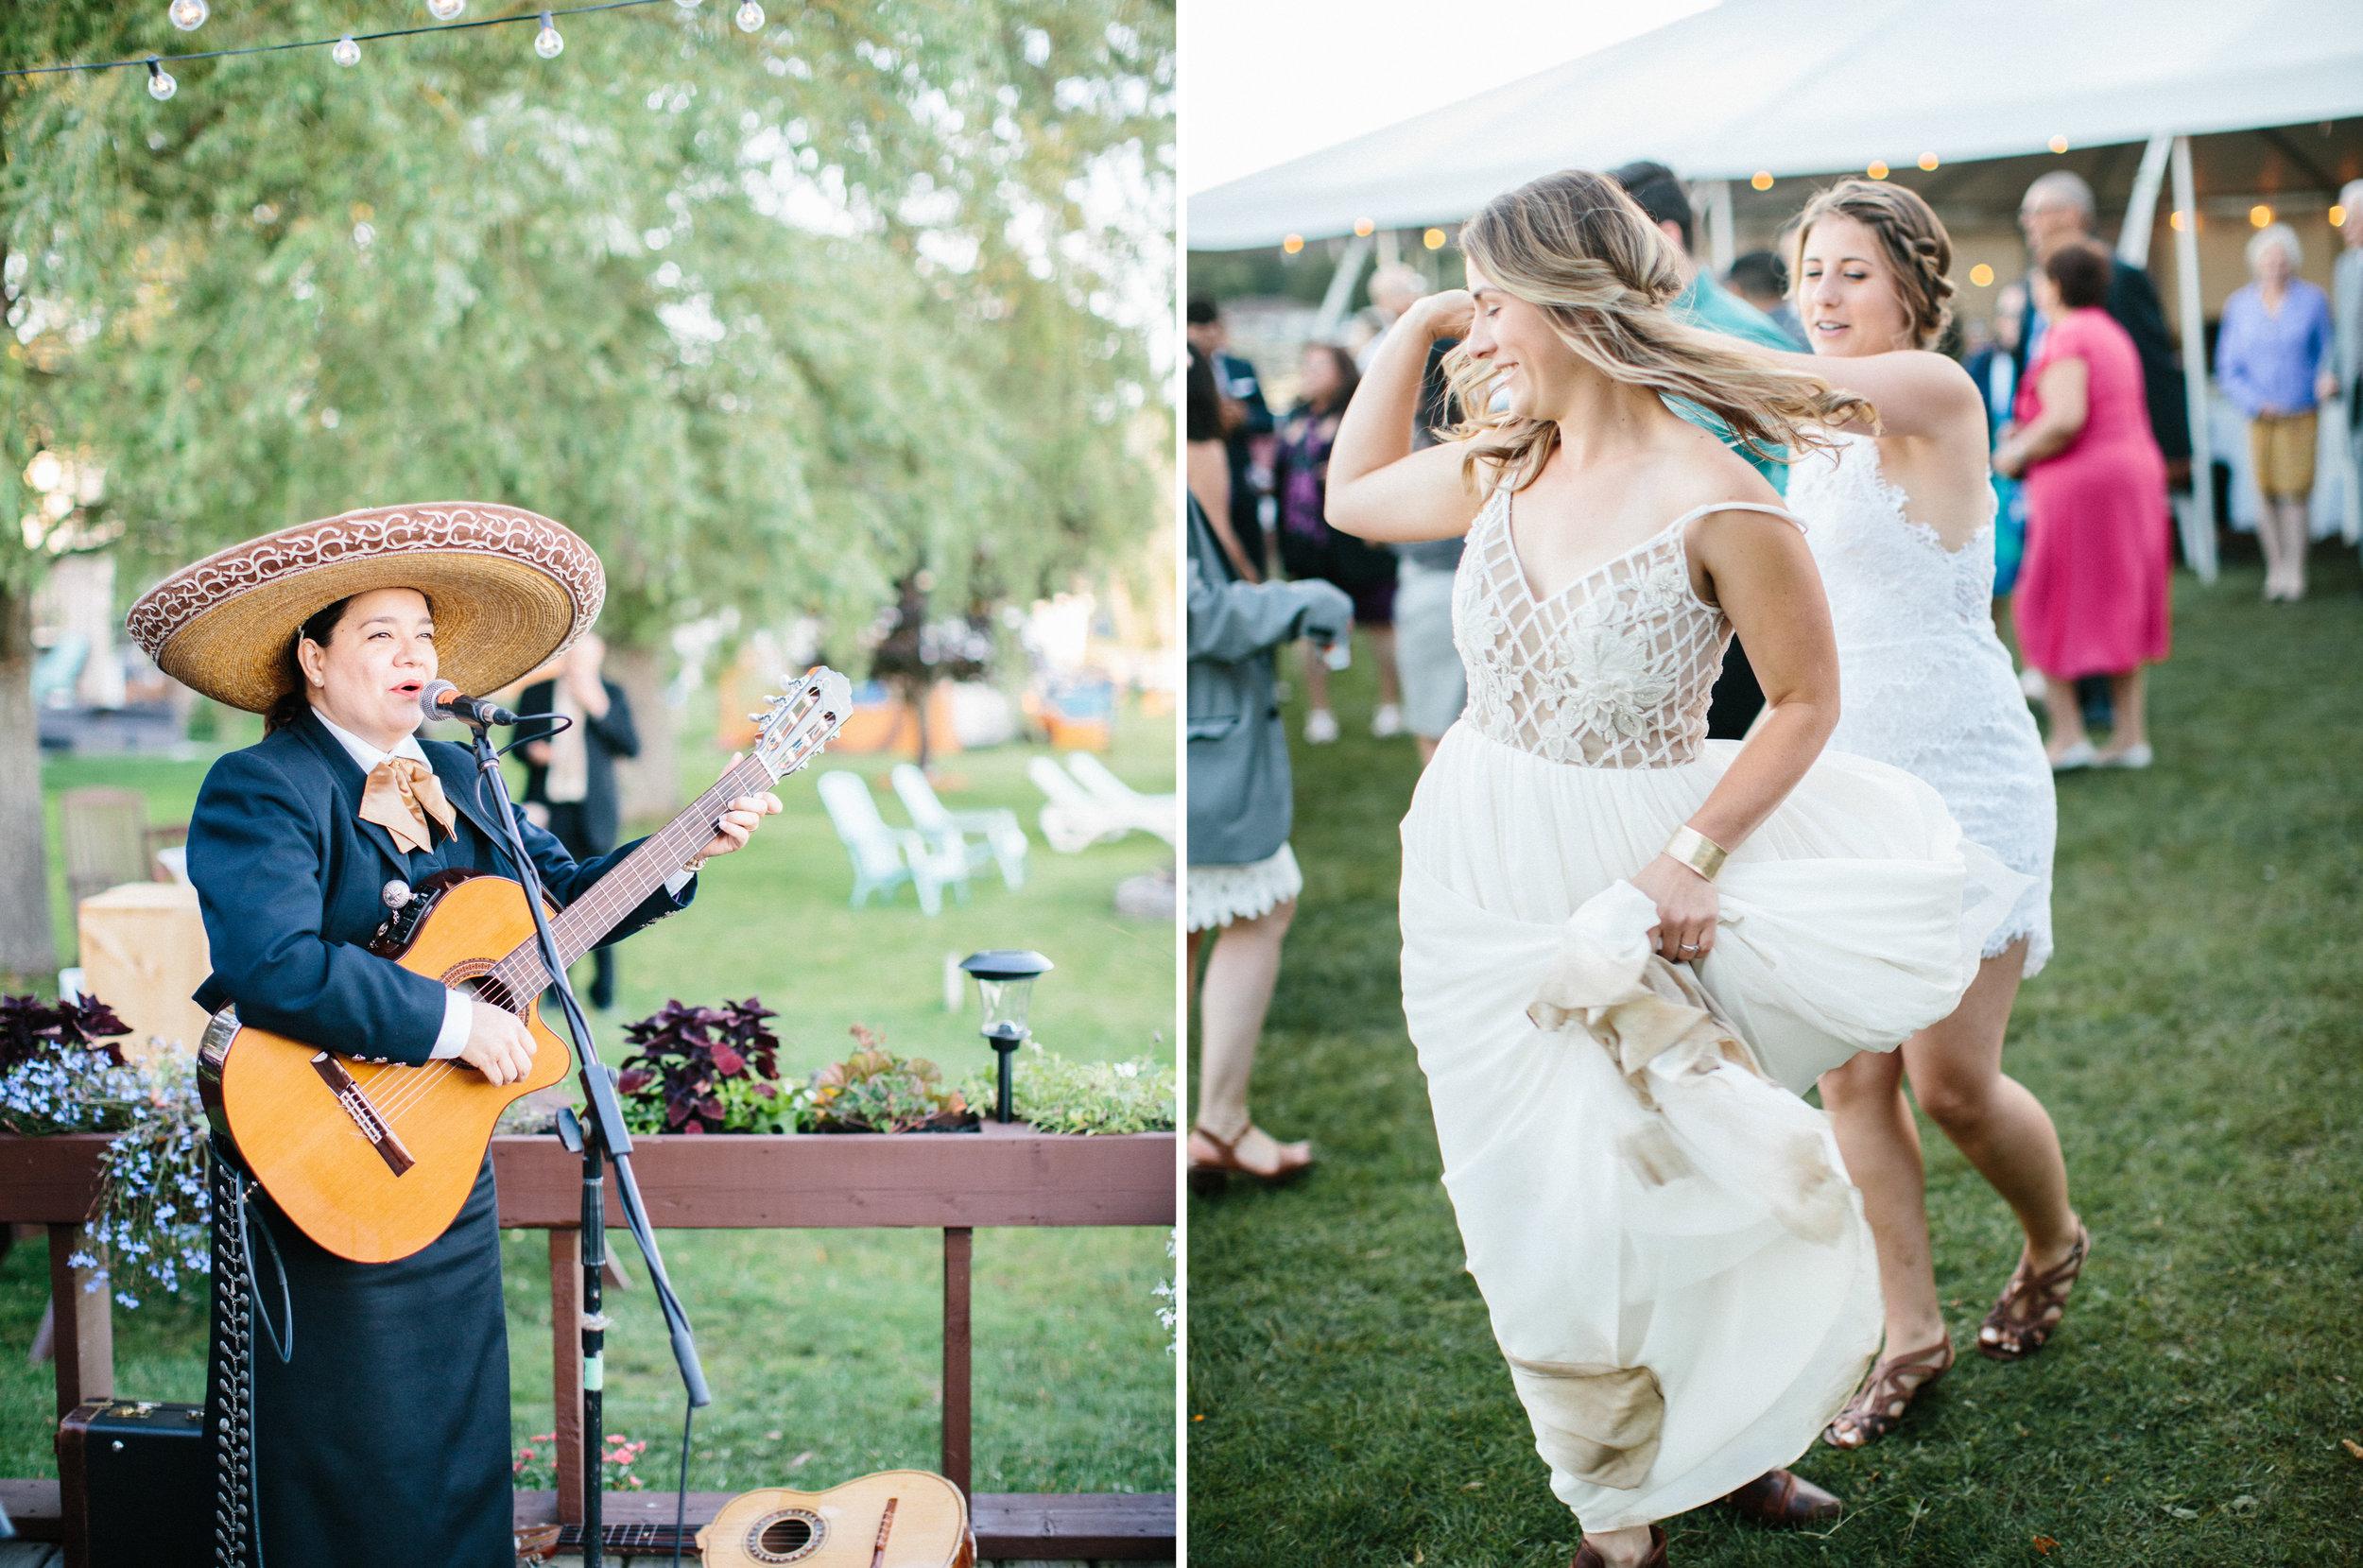 toronto_wedding_photographer_backyard_wedding8.jpg